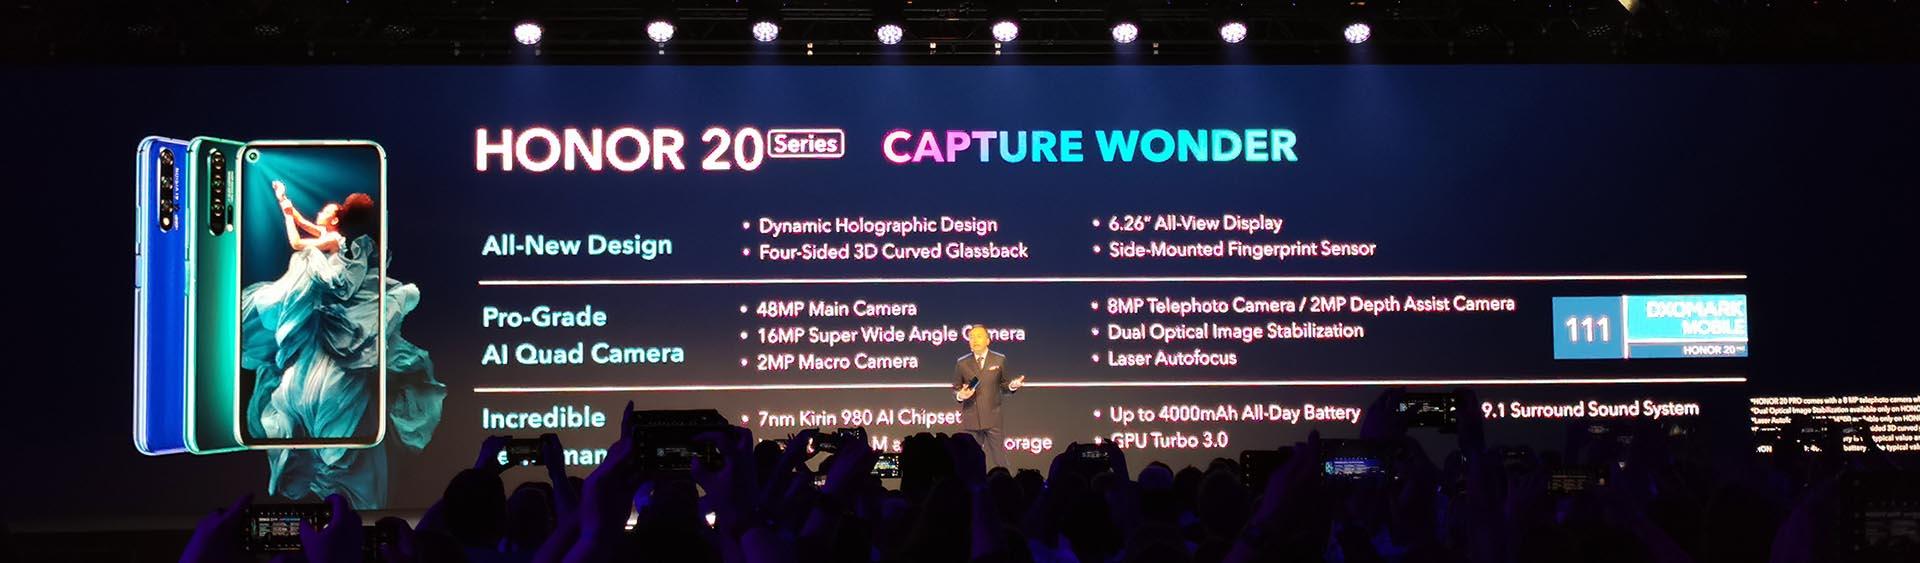 Honor 20 Series Specs